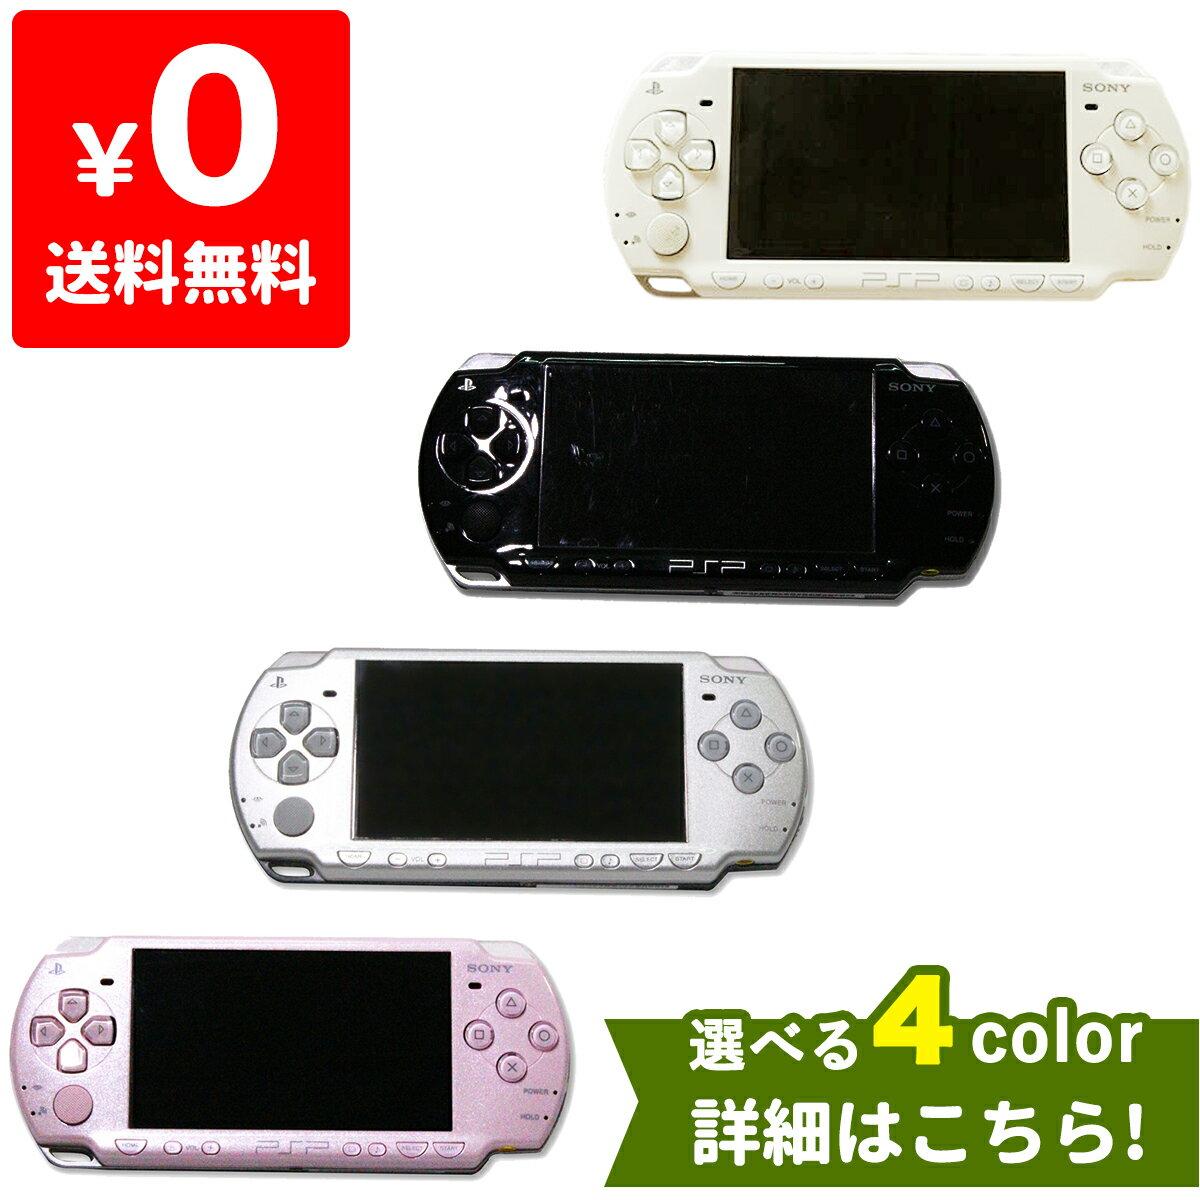 【送料無料】PSP 2000 本体のみ 選べる 4色【中古】